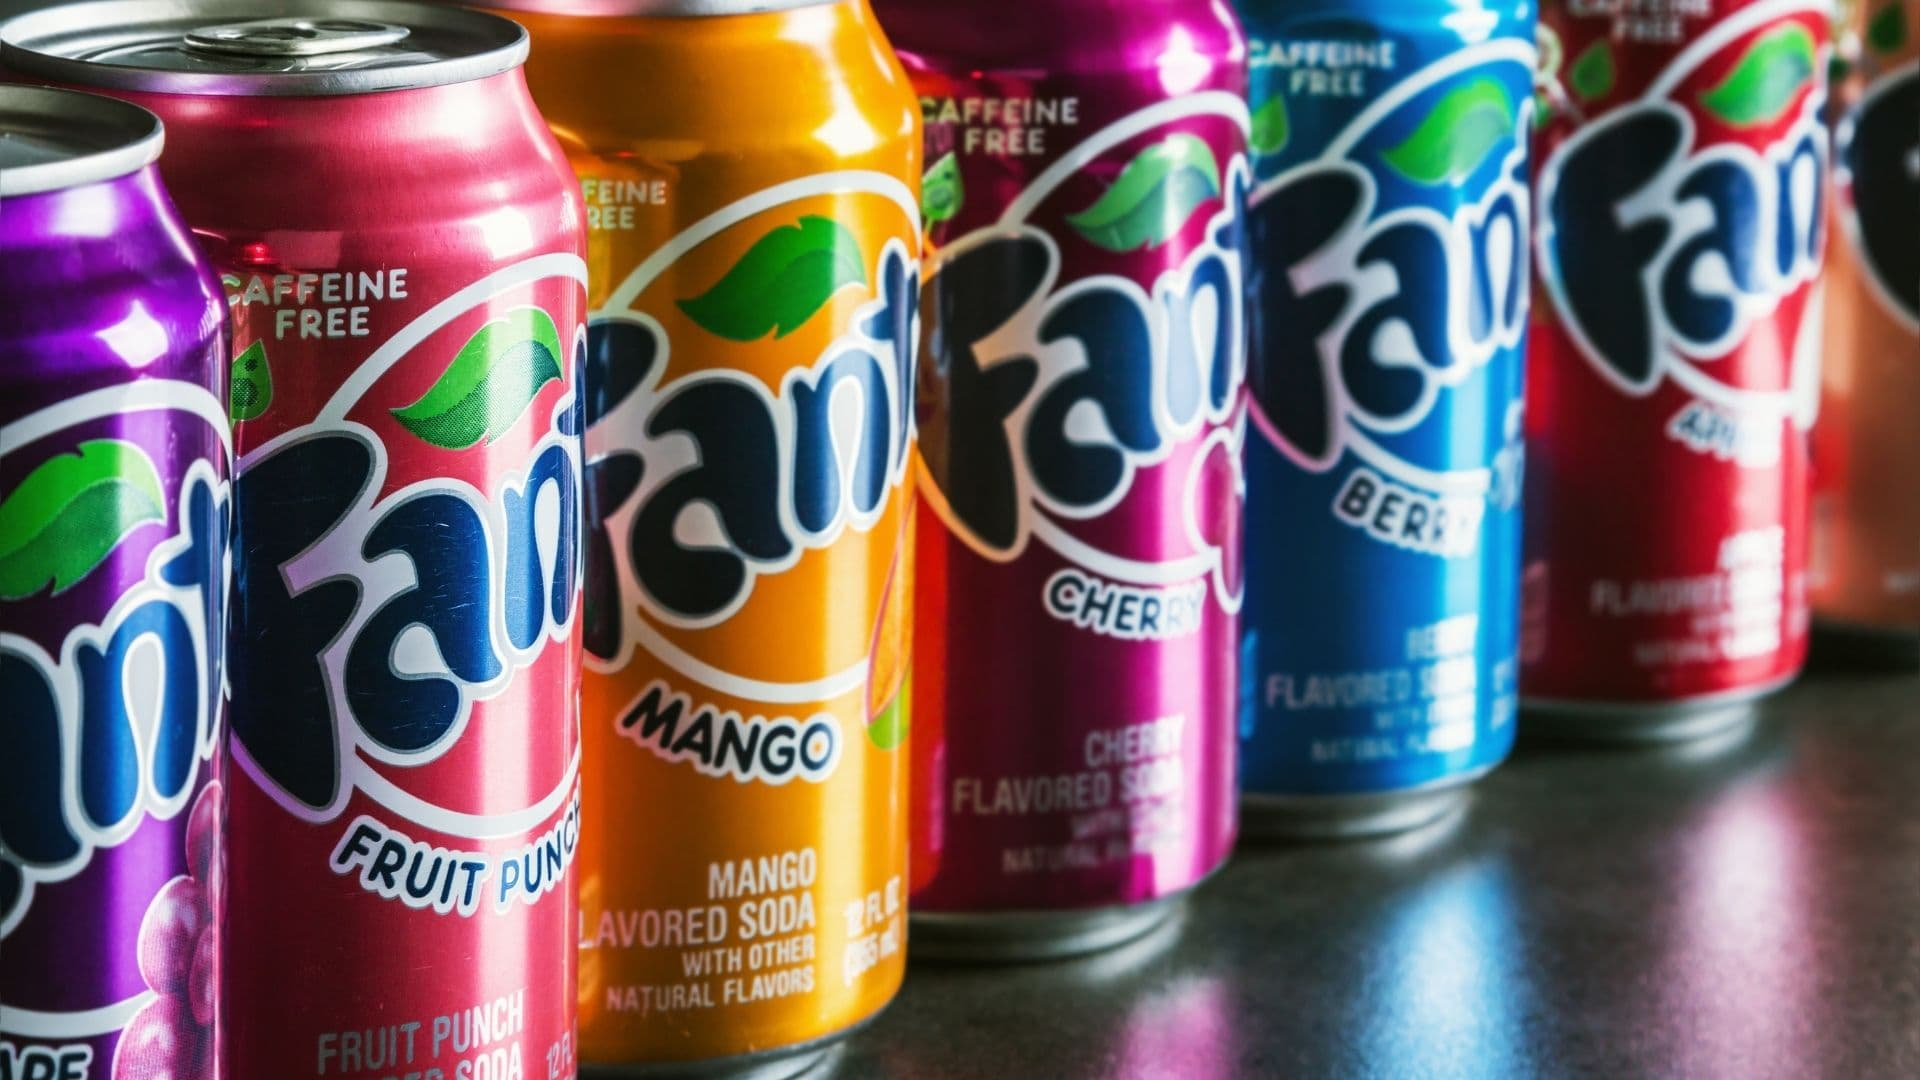 Hay más de 80 sabores disponibles en refresco fanta